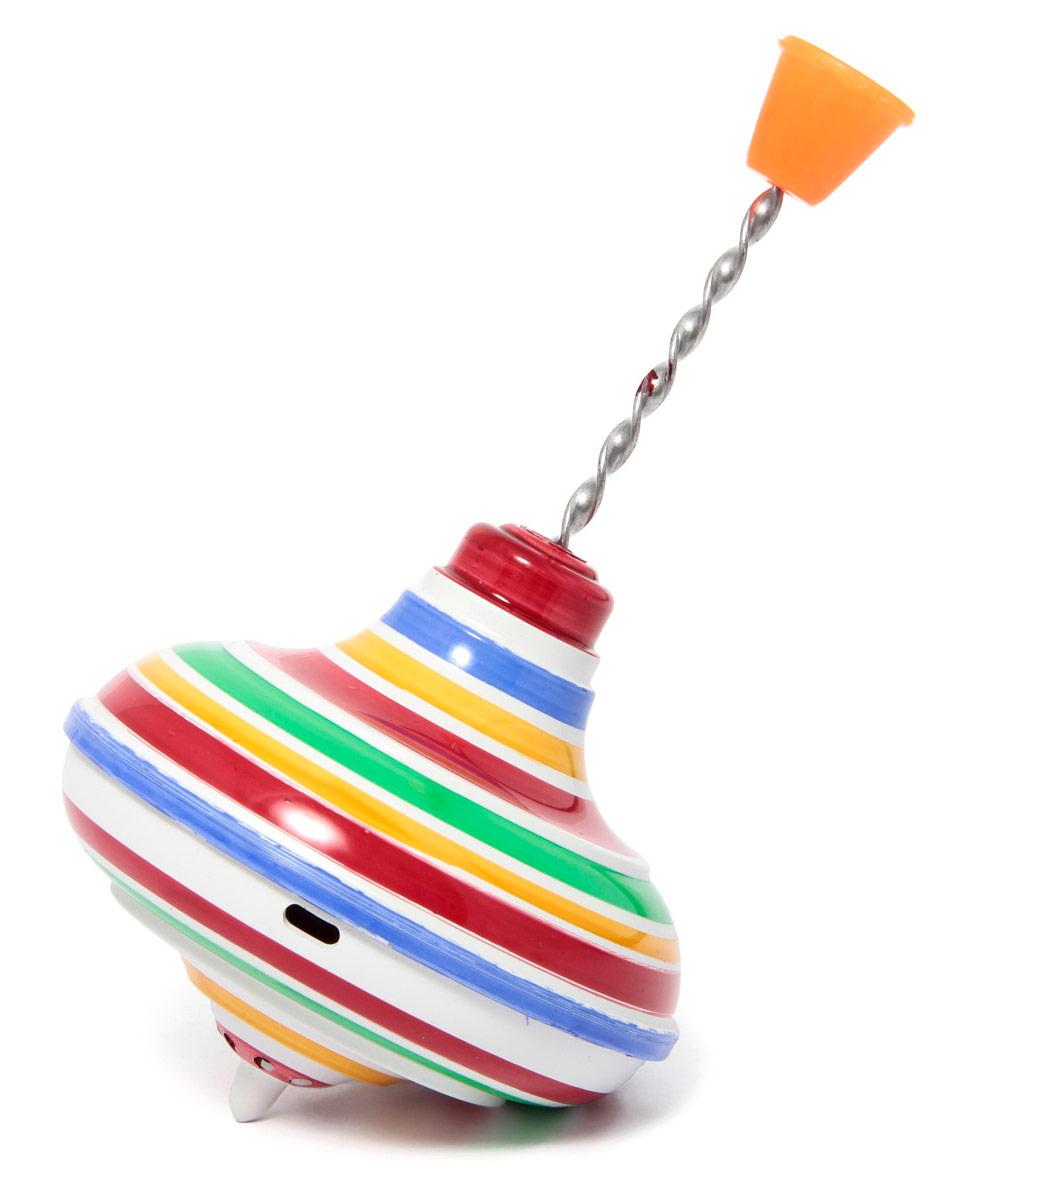 Юла Полосатая малаяП-0012Динамическая игрушка для малышей. Стимулирует познавательную активность, помогает ребенку в устанавлении причинно-следственных связей между действиями и явлениями, развивает координацию и моторику рук. Внутри игрушки, на двух ярусах, имеются пластмассовые шарики. Приведенная в движение юла гудит.